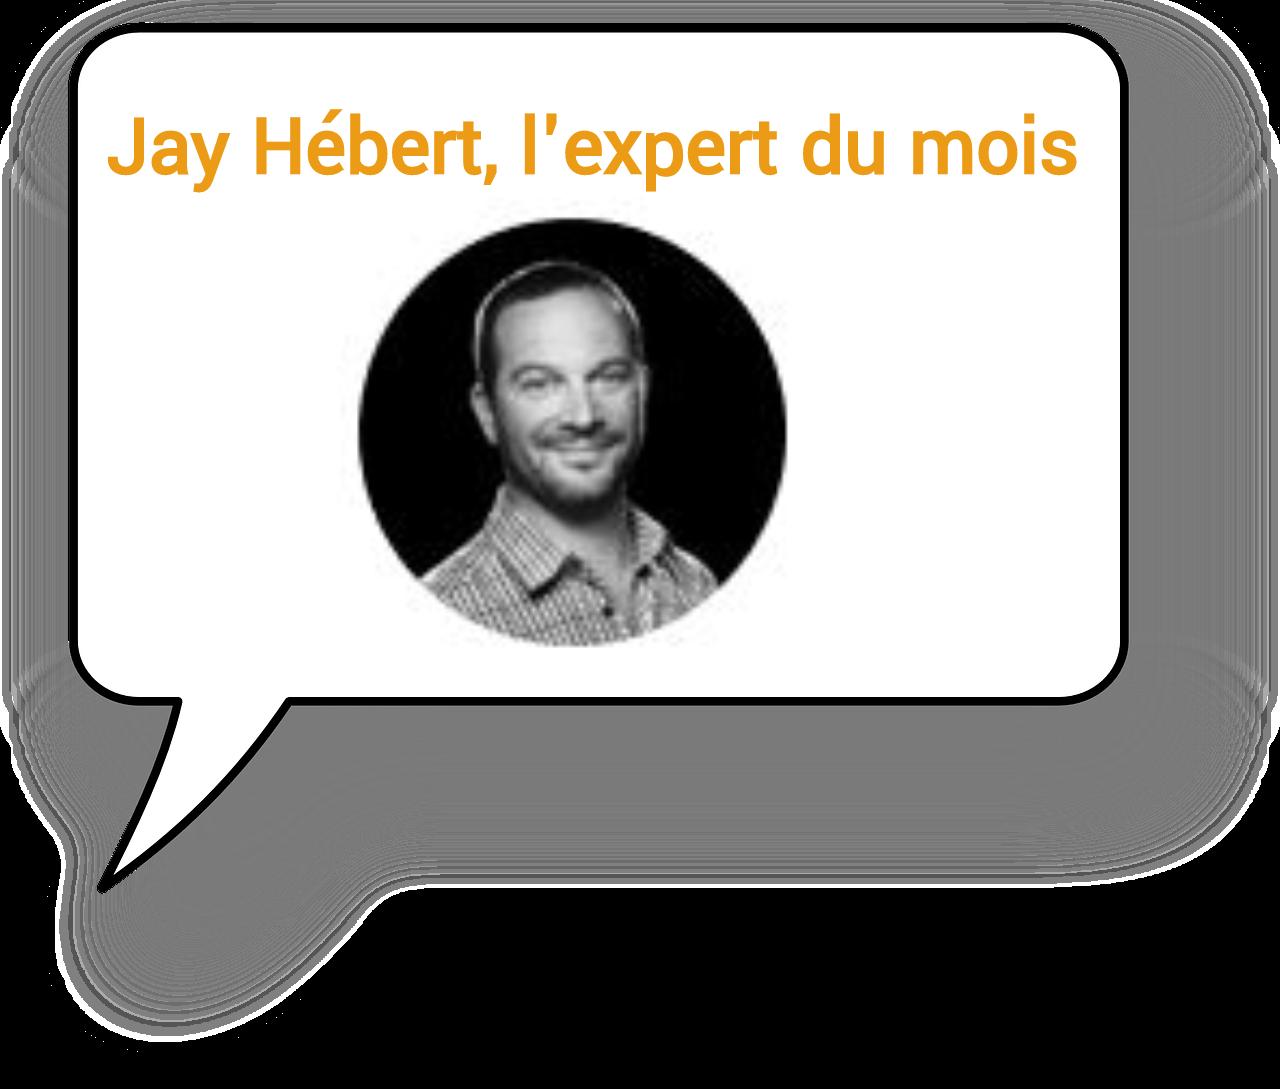 Jay Hébert, l'expert du mois